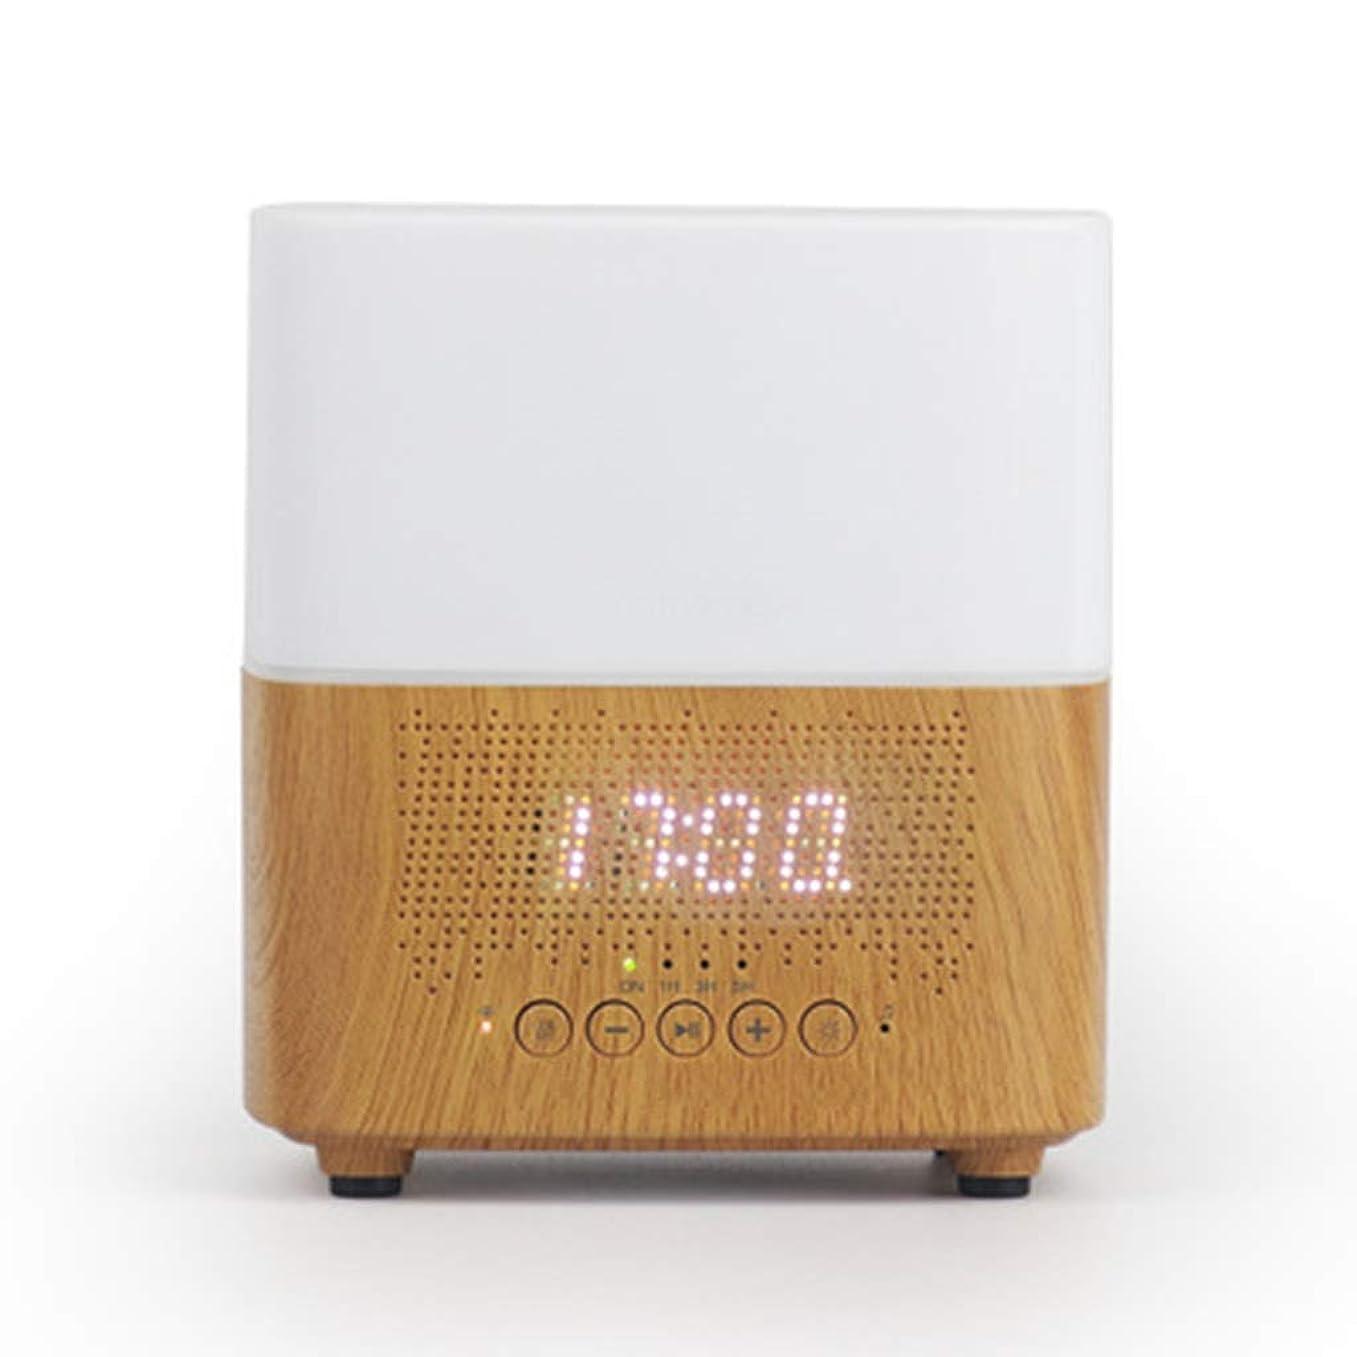 呪い値下げ鎮静剤ブルートゥースのスピーカー機械LED時計の目覚まし時計の夜ライト加湿器 (Color : White)